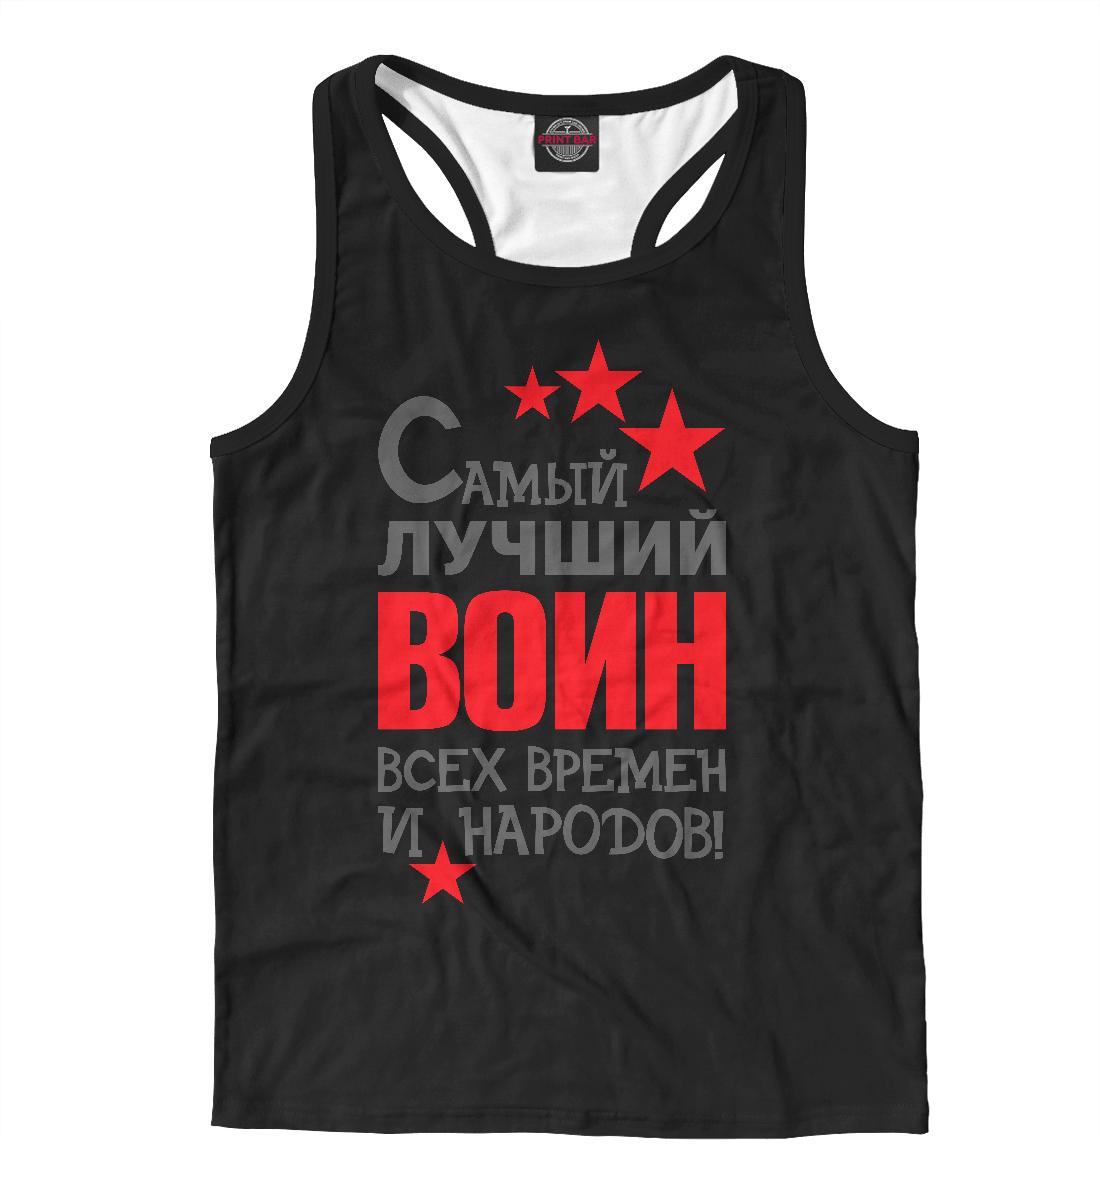 Купить Самый лучший воин, Printbar, Майки борцовки, PRG-936022-mayb-2